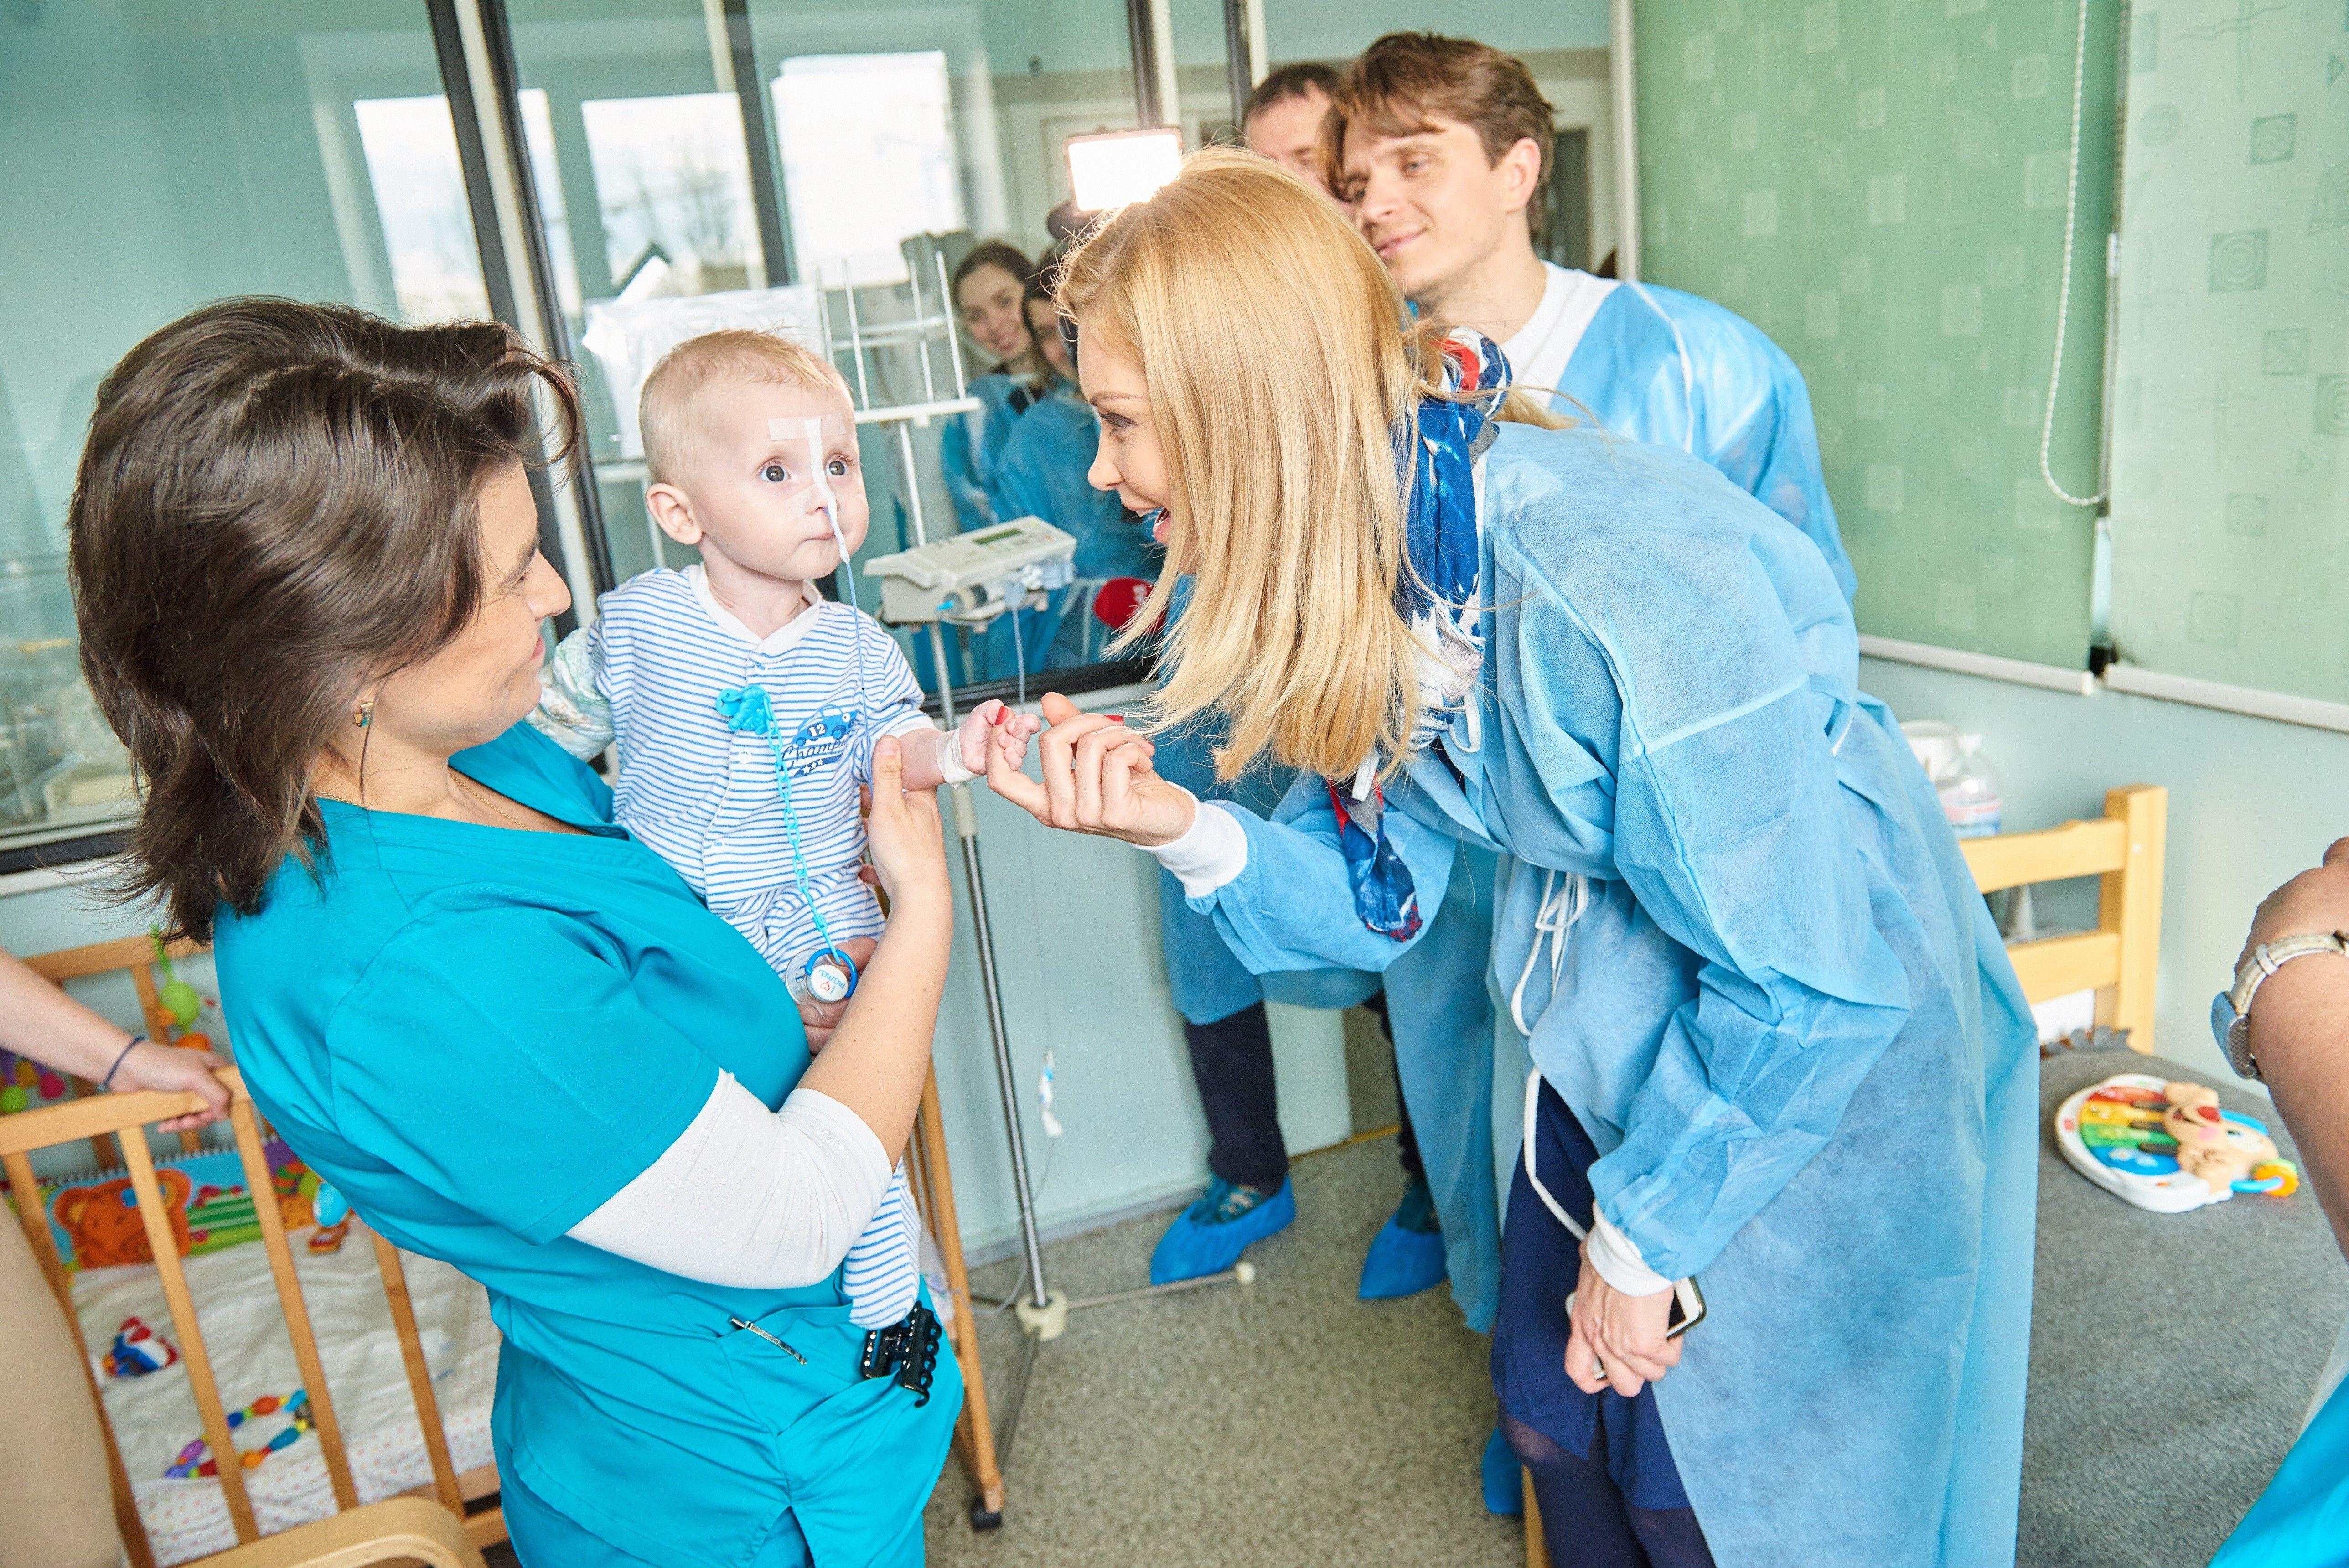 Лідія Таран і Анатолій Анатоліч відвідали Національну дитячу лікарню «ОХМАТДИТ» _7